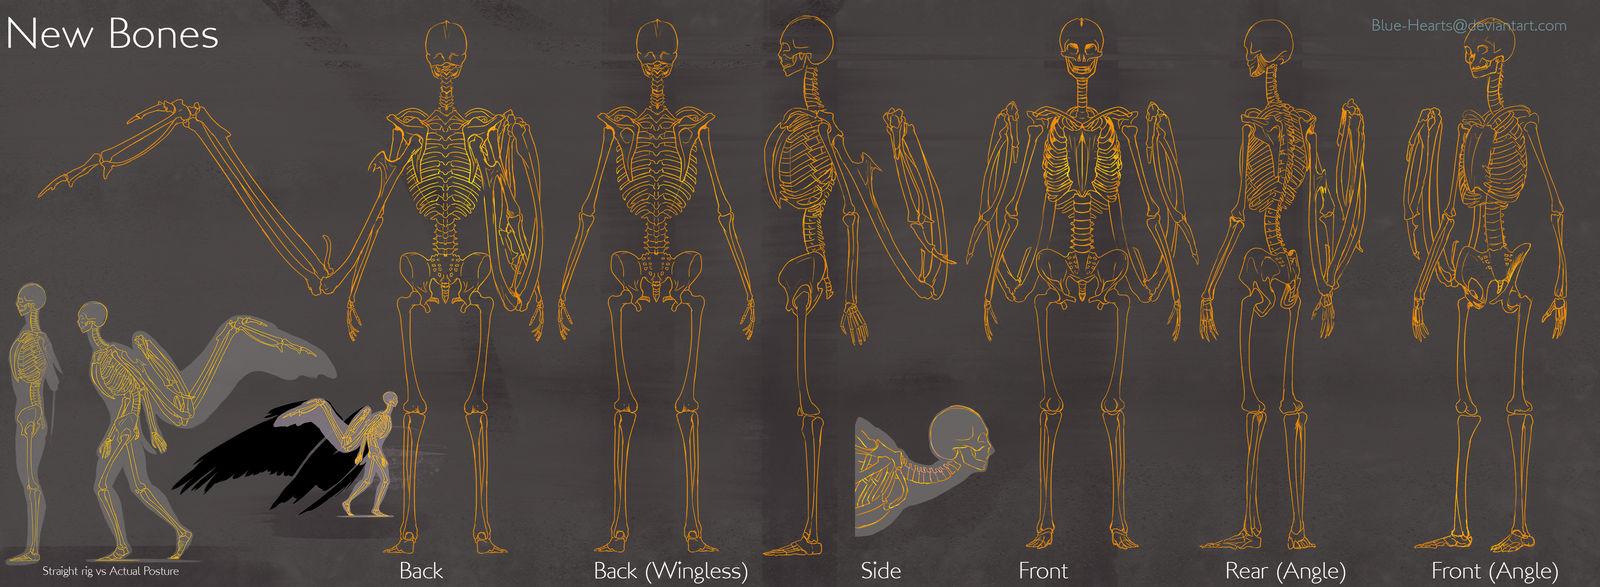 SB: New Bones